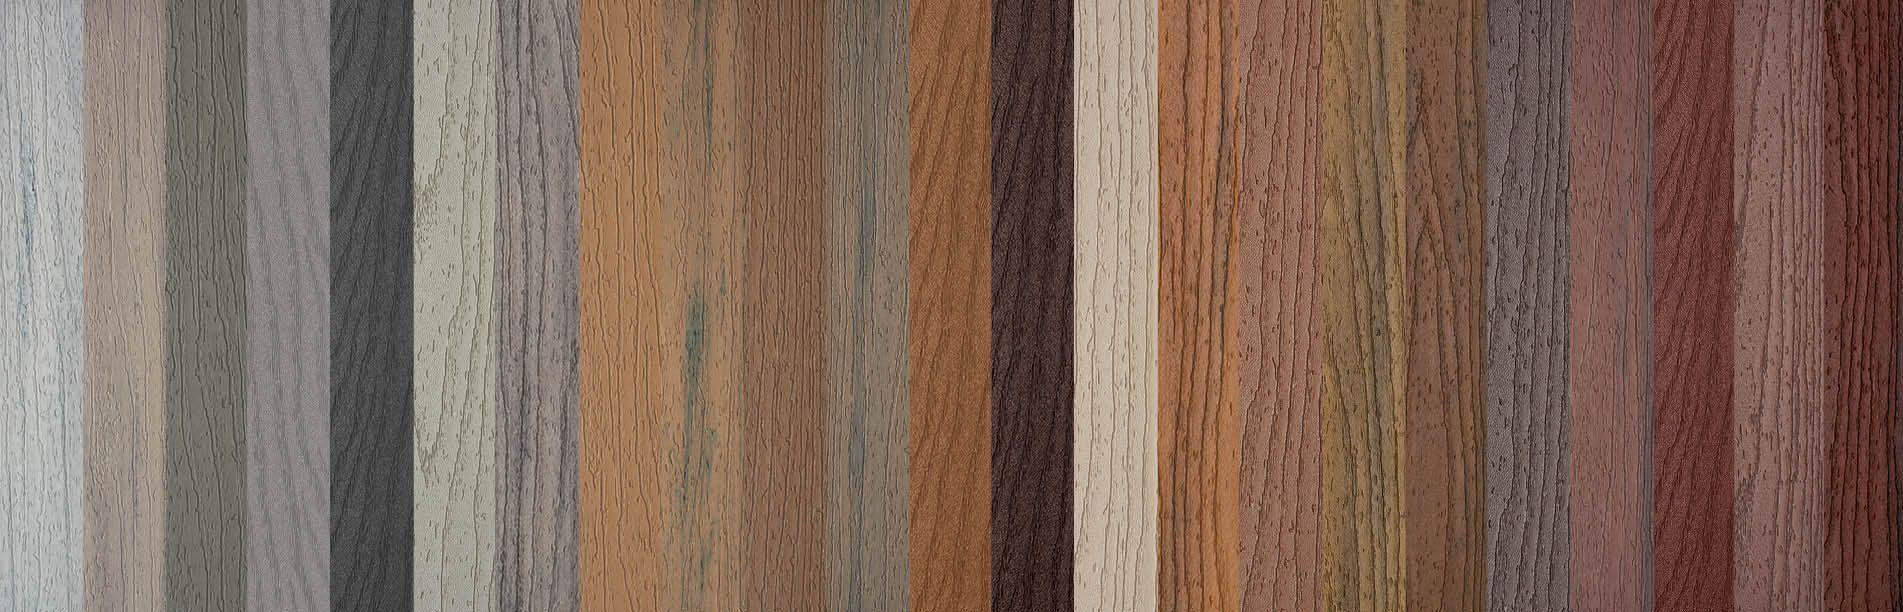 shop-trex-color-story-1903-612.jpeg